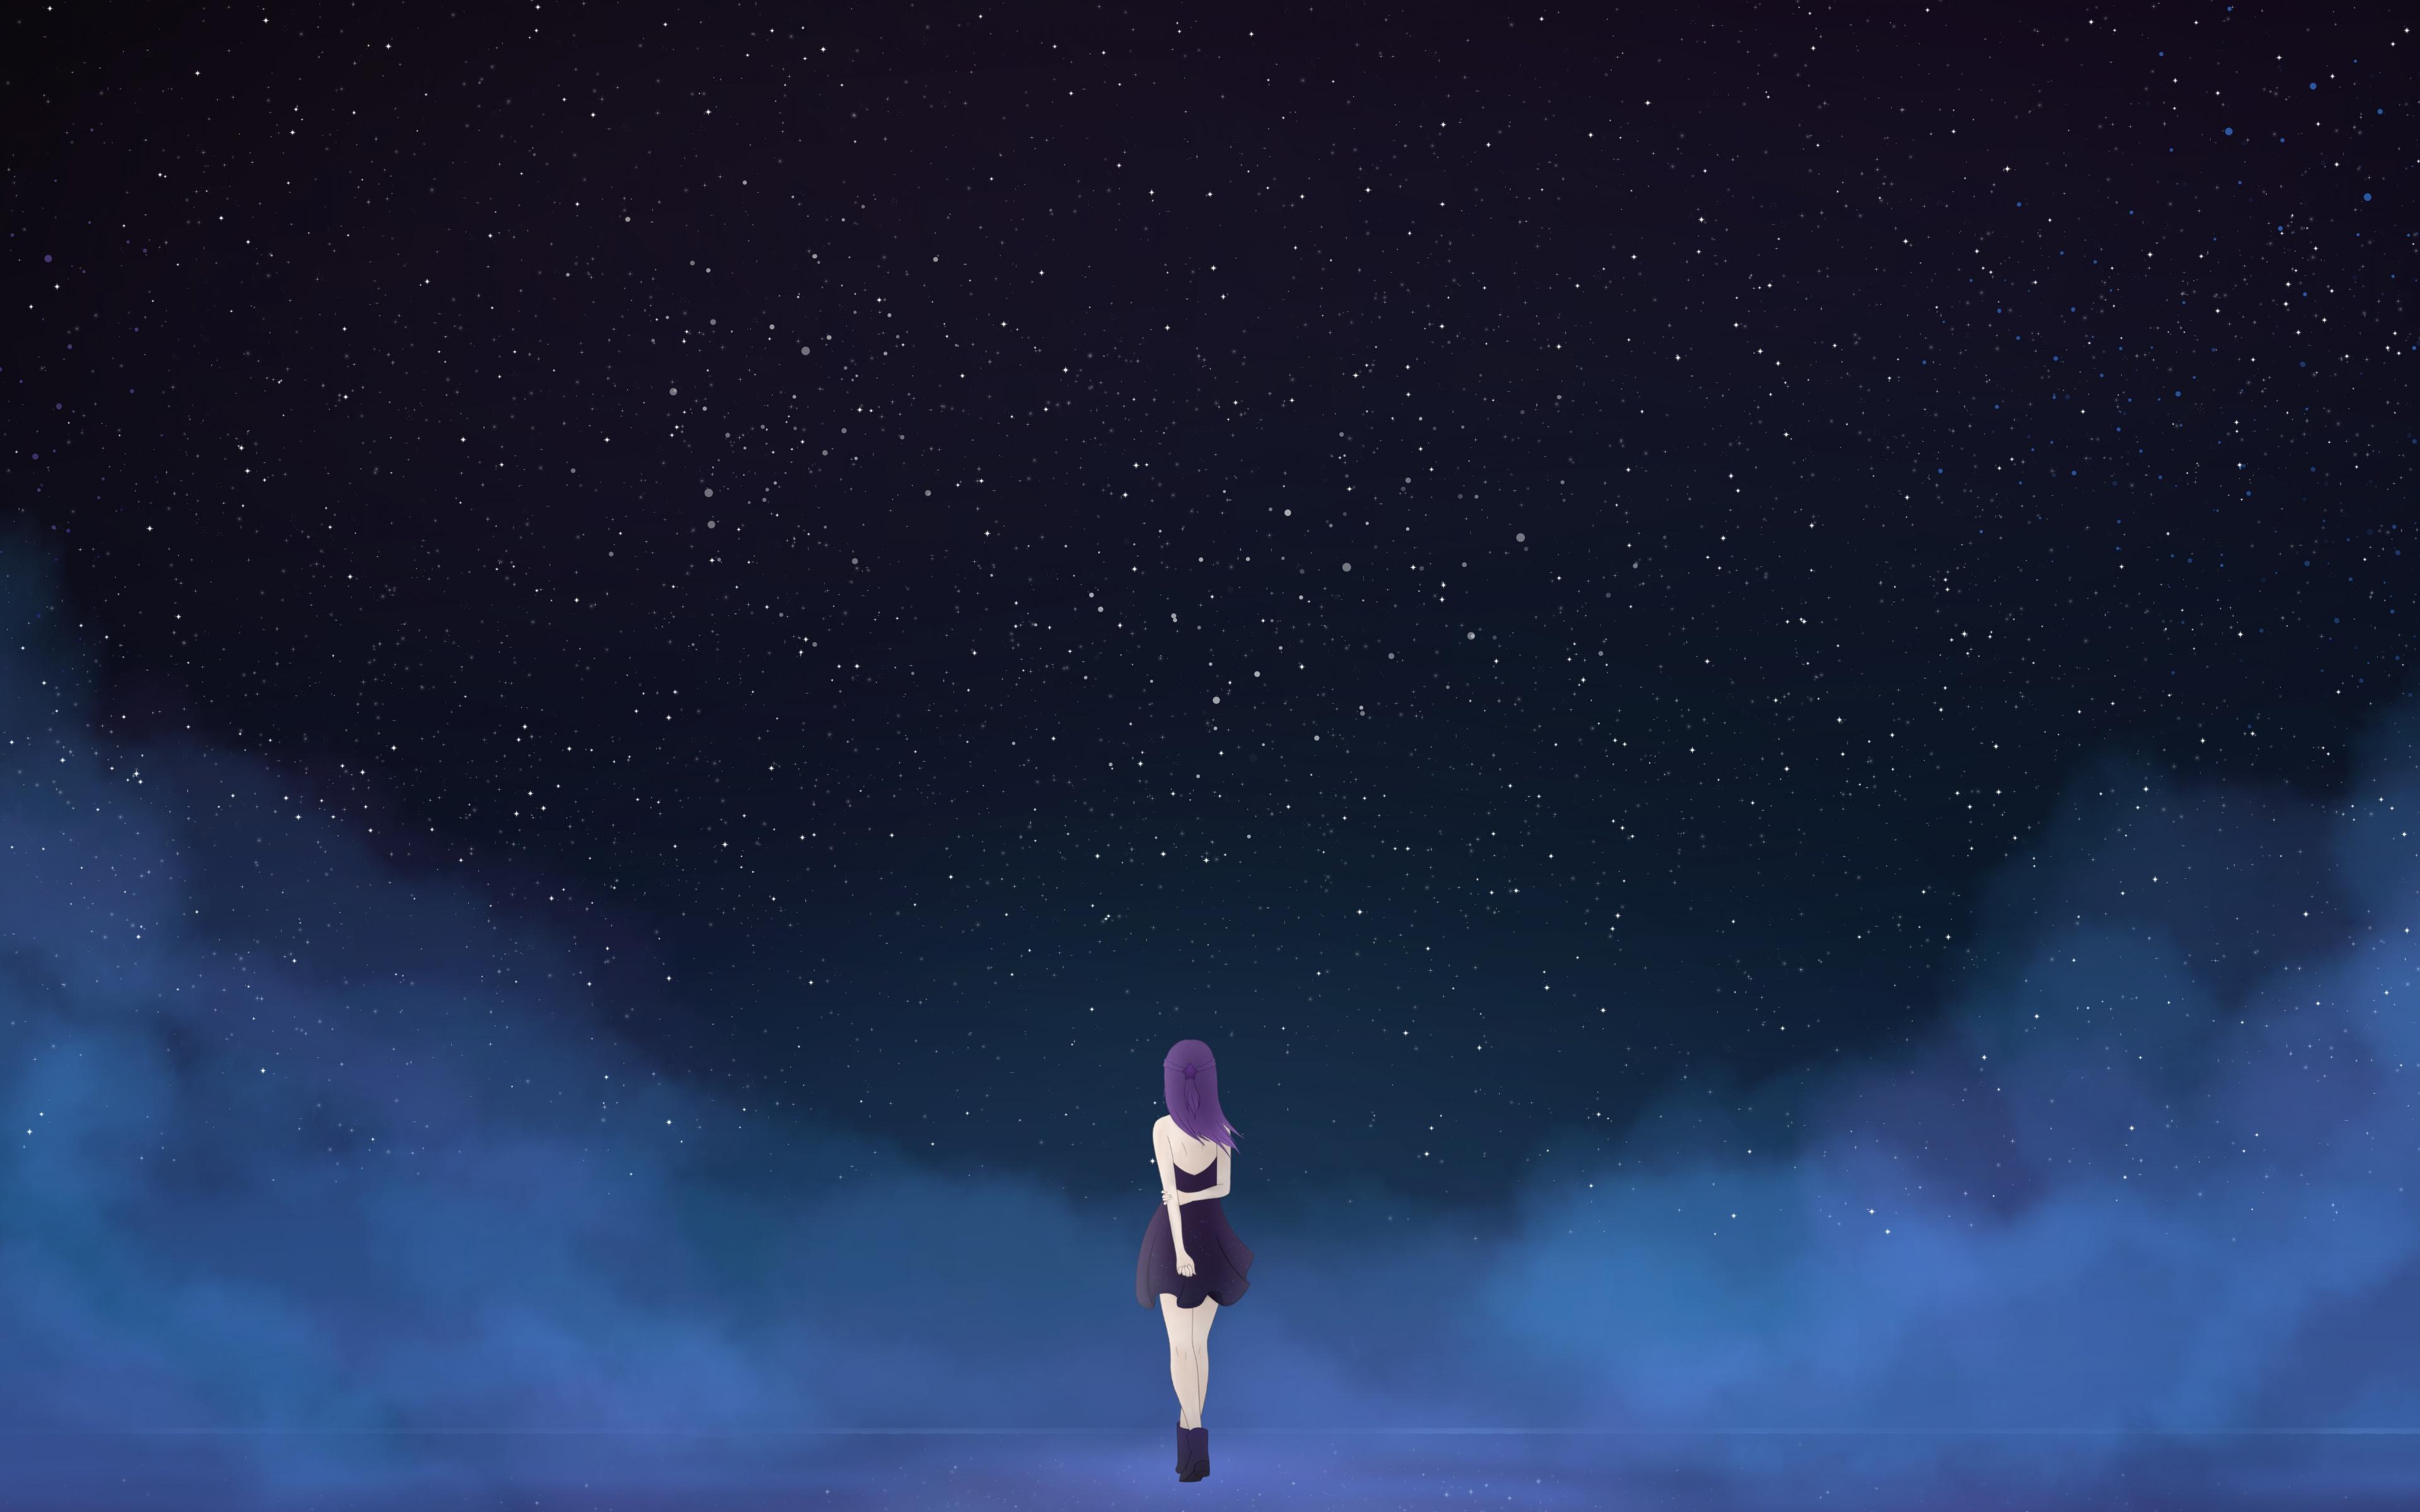 Anime Night Sky Kumpulan Ilmu Dan Pengetahuan Penting